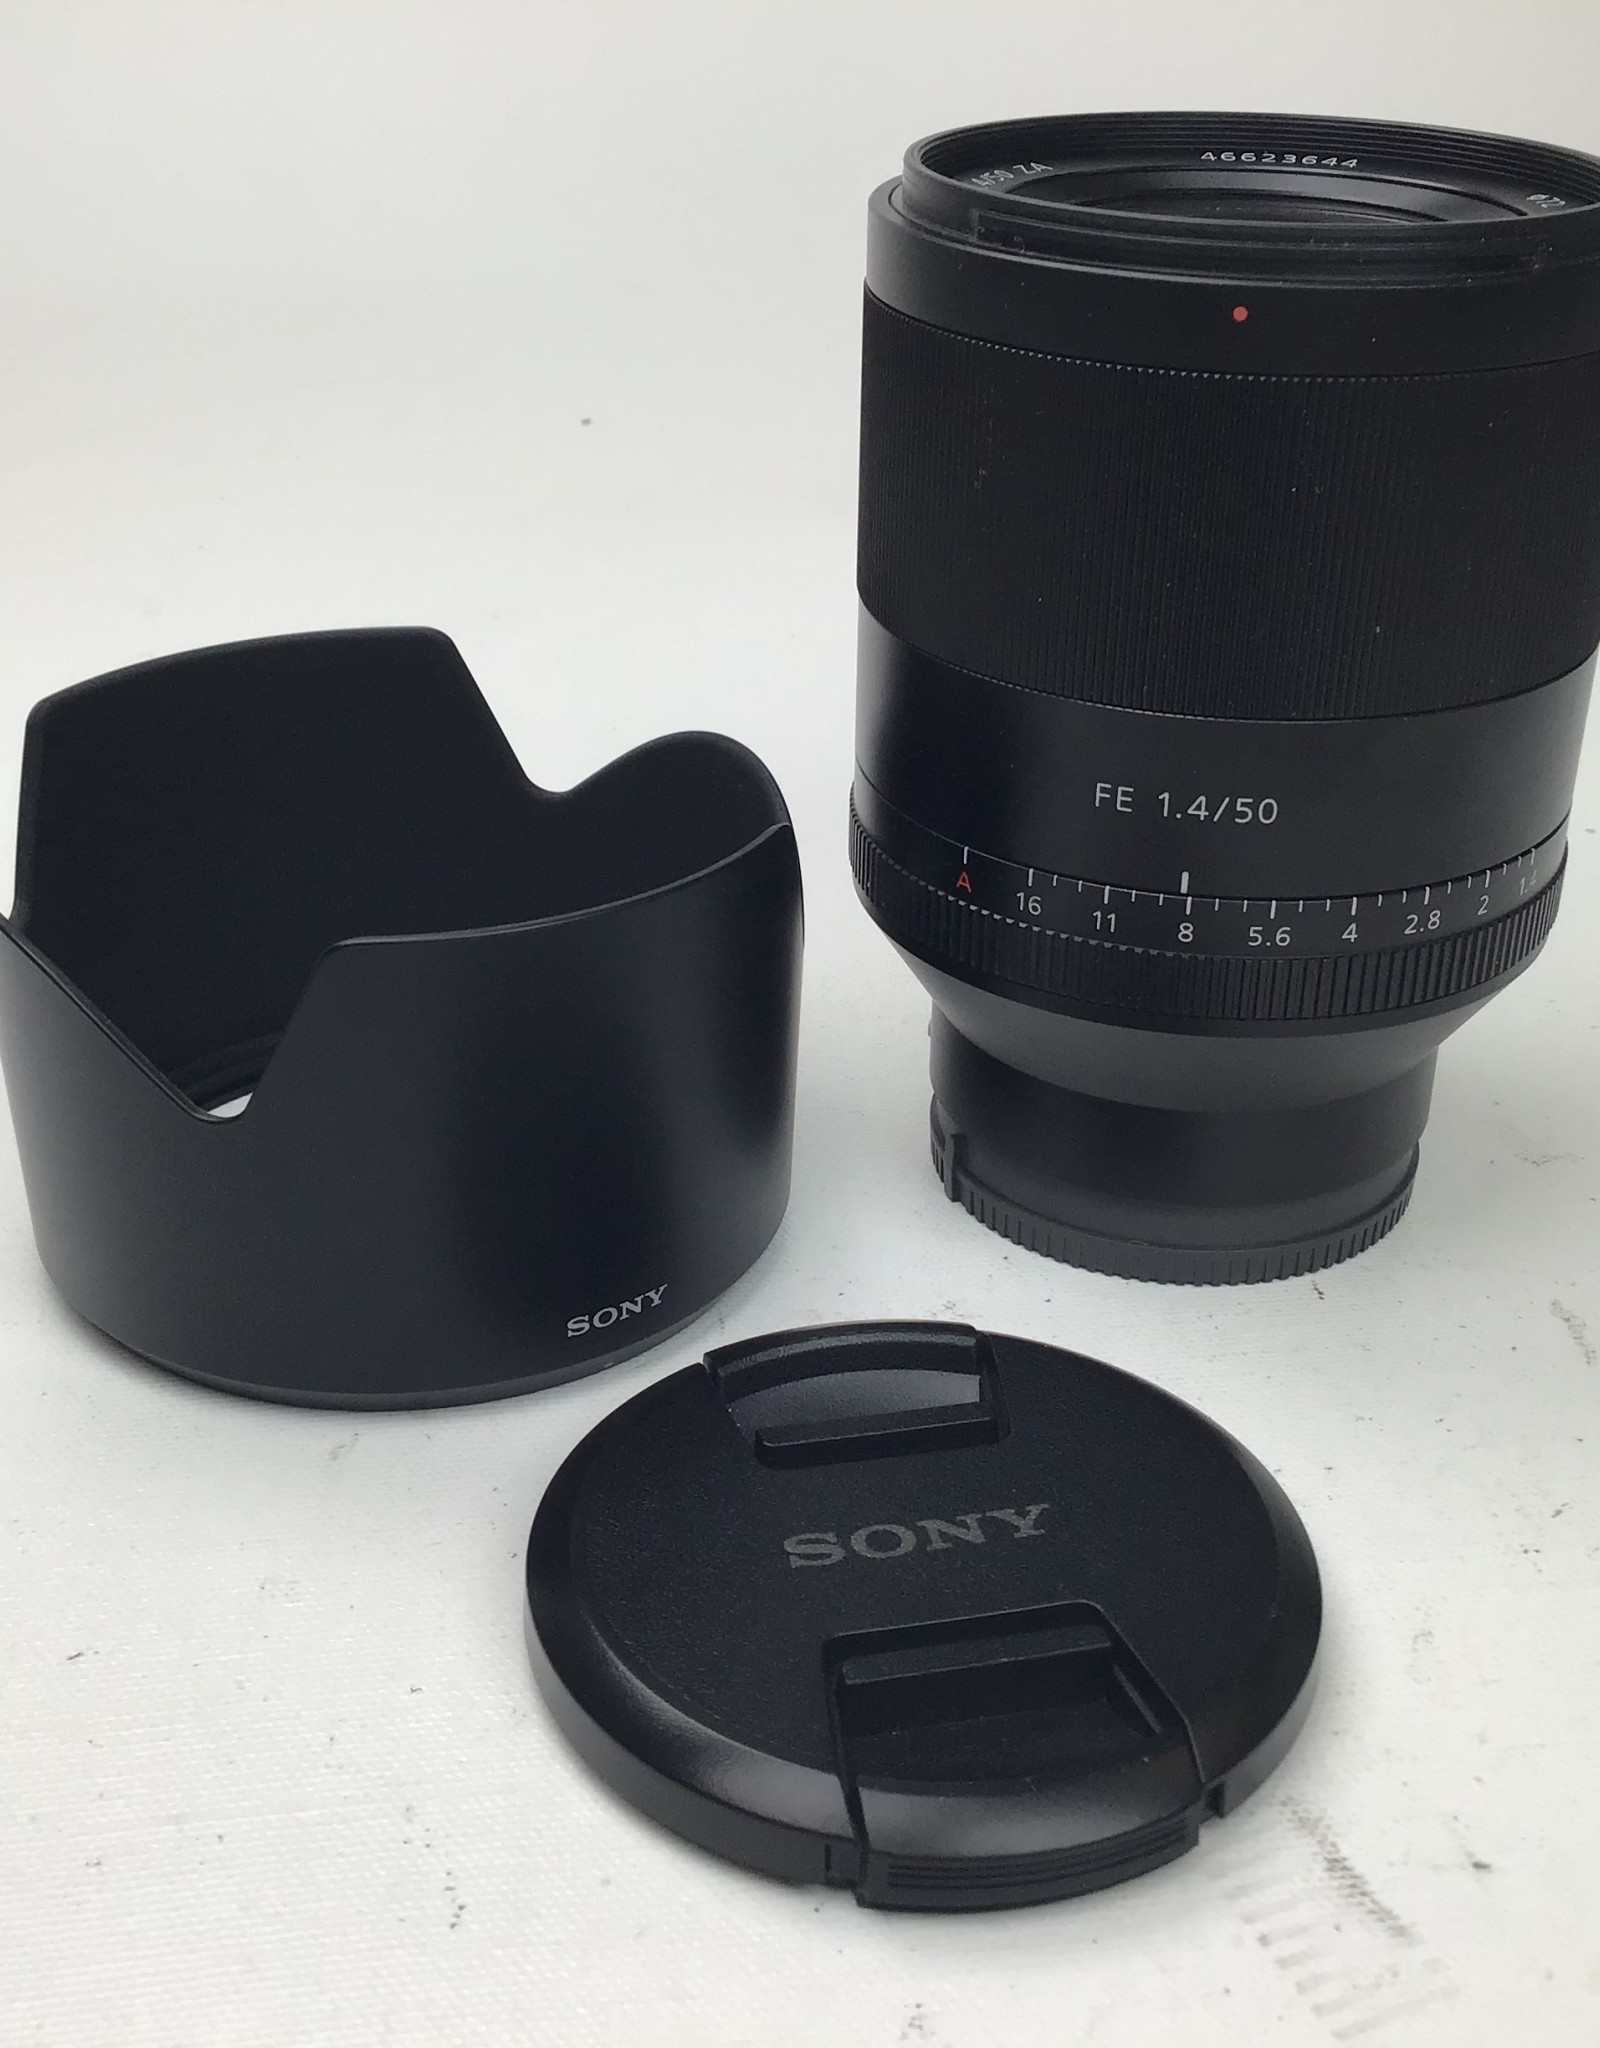 SONY Sony Zeiss Planar FE 50mm f1.4 ZA lens Used Good